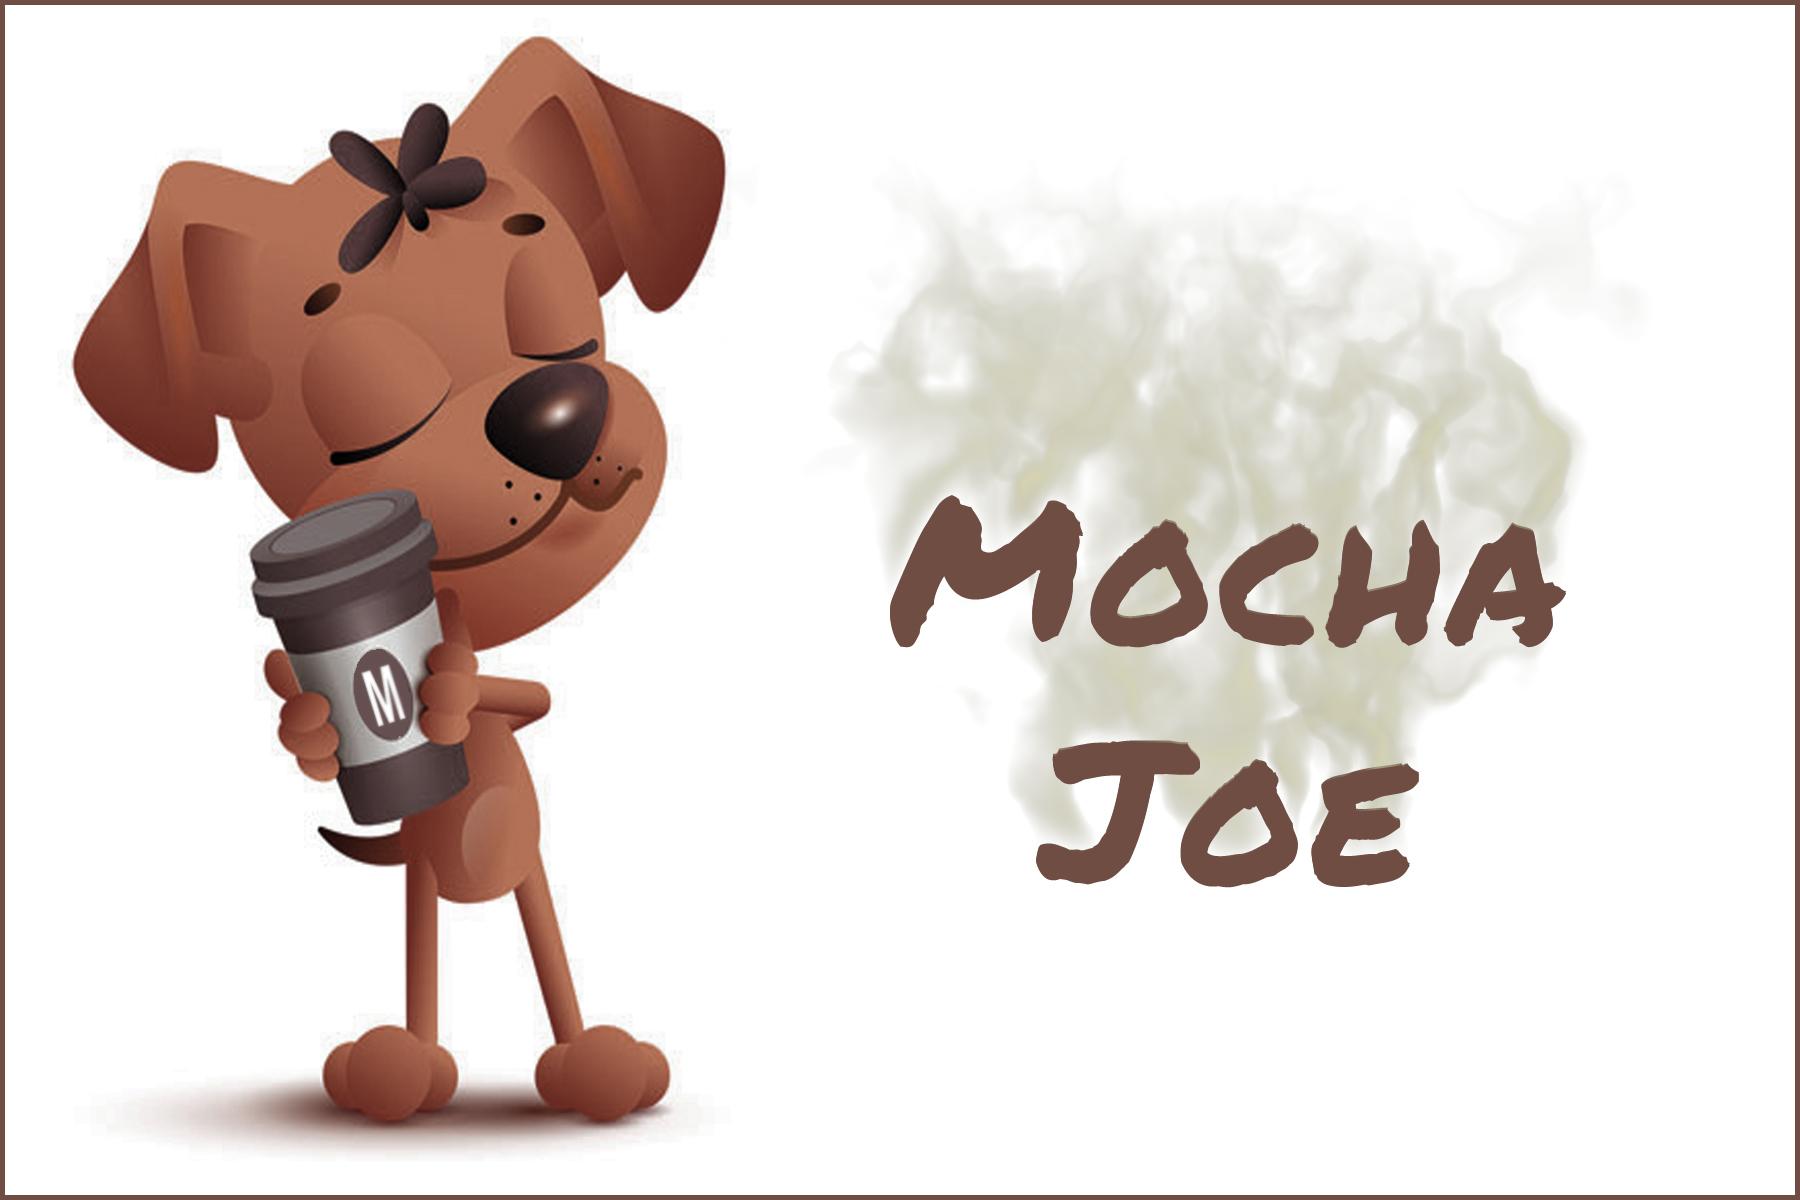 Mocha Joe